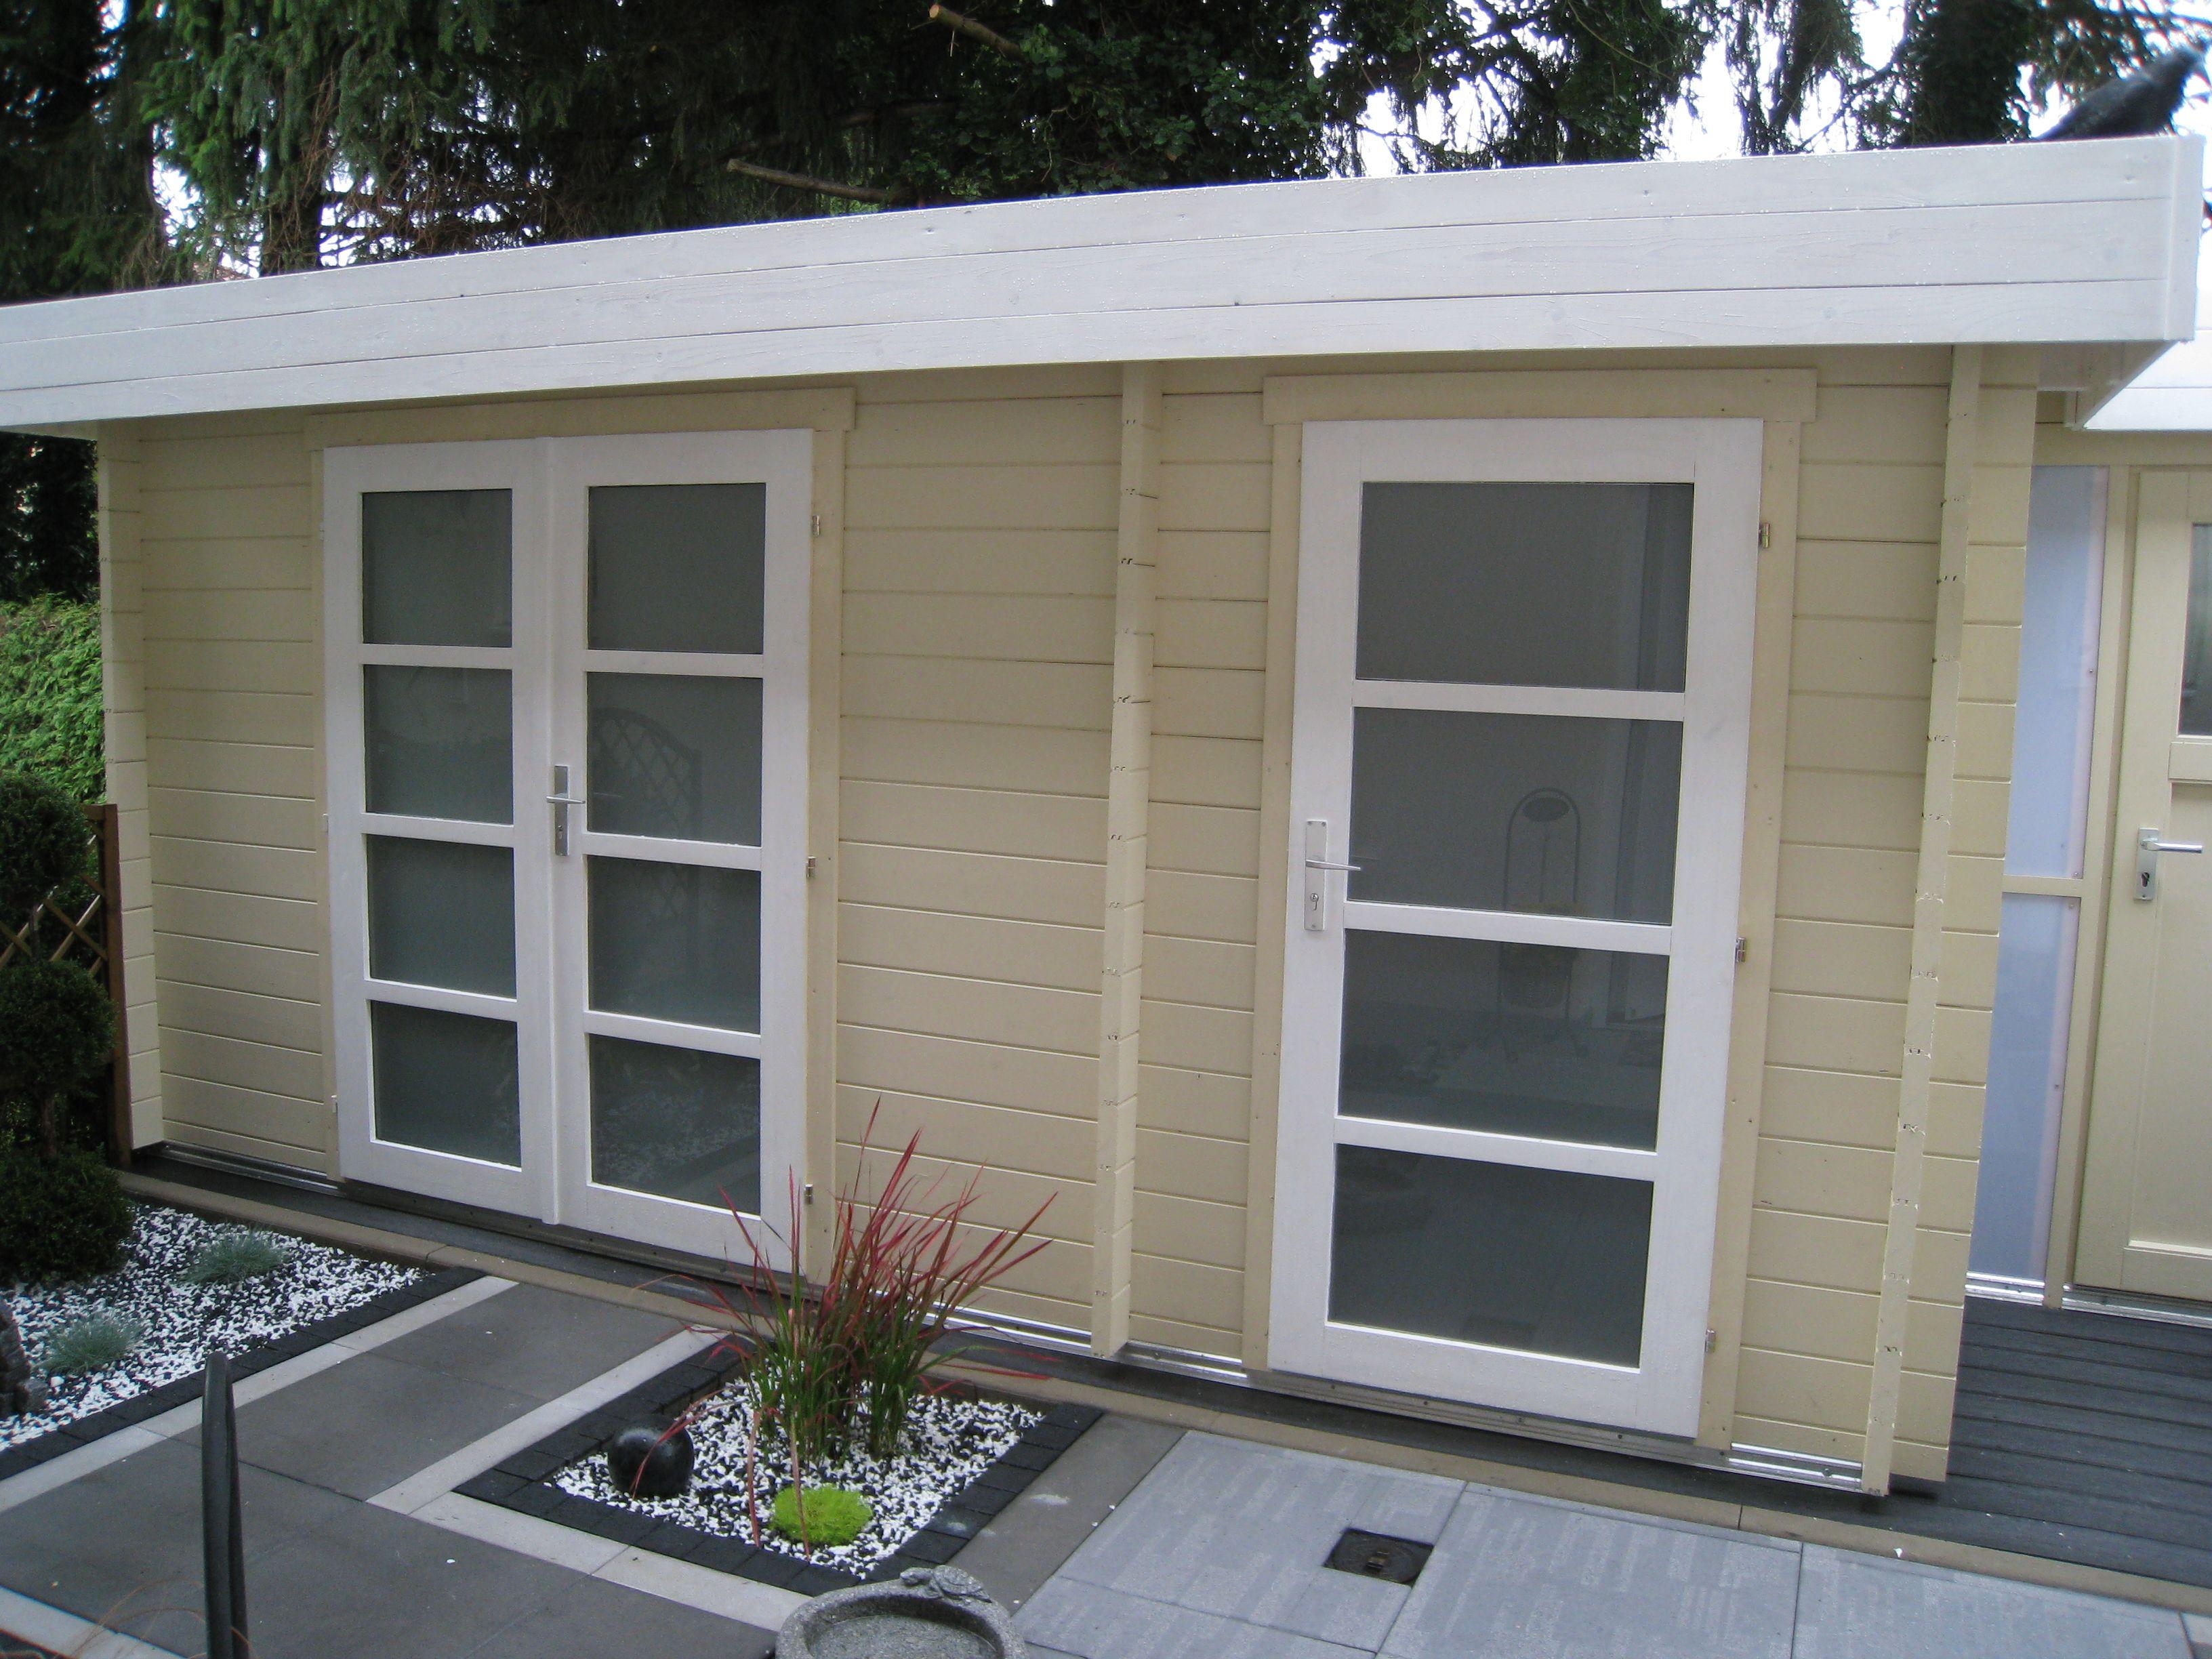 Flachdach Gartenhaus in Vanillegelb, mit modernem Vorplatz